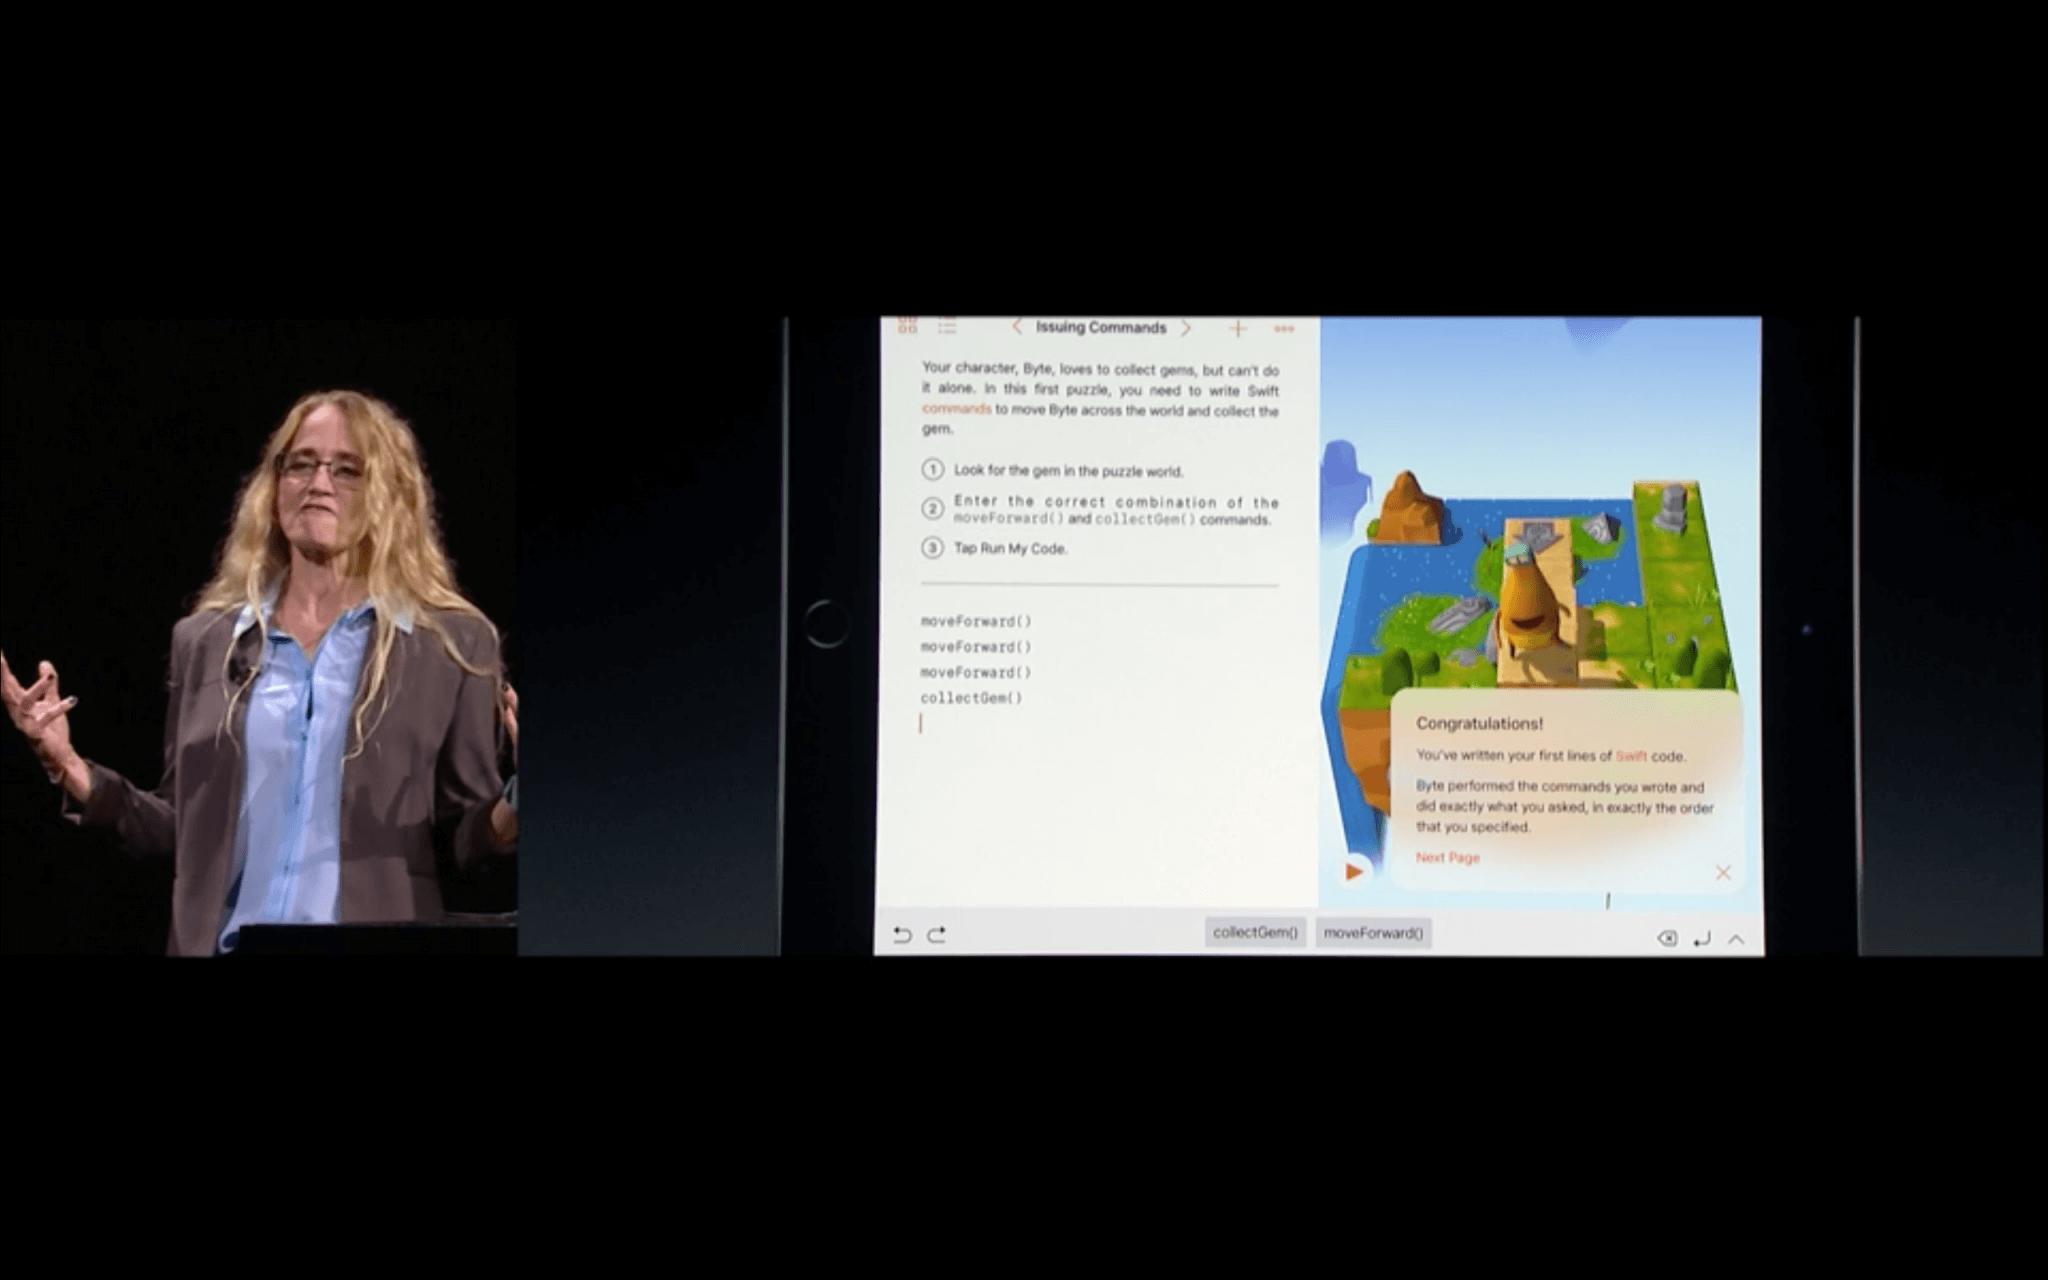 WWDC: Die Codebeispiele werden toll veranschaulicht (Screenshot von Apples Livestream)